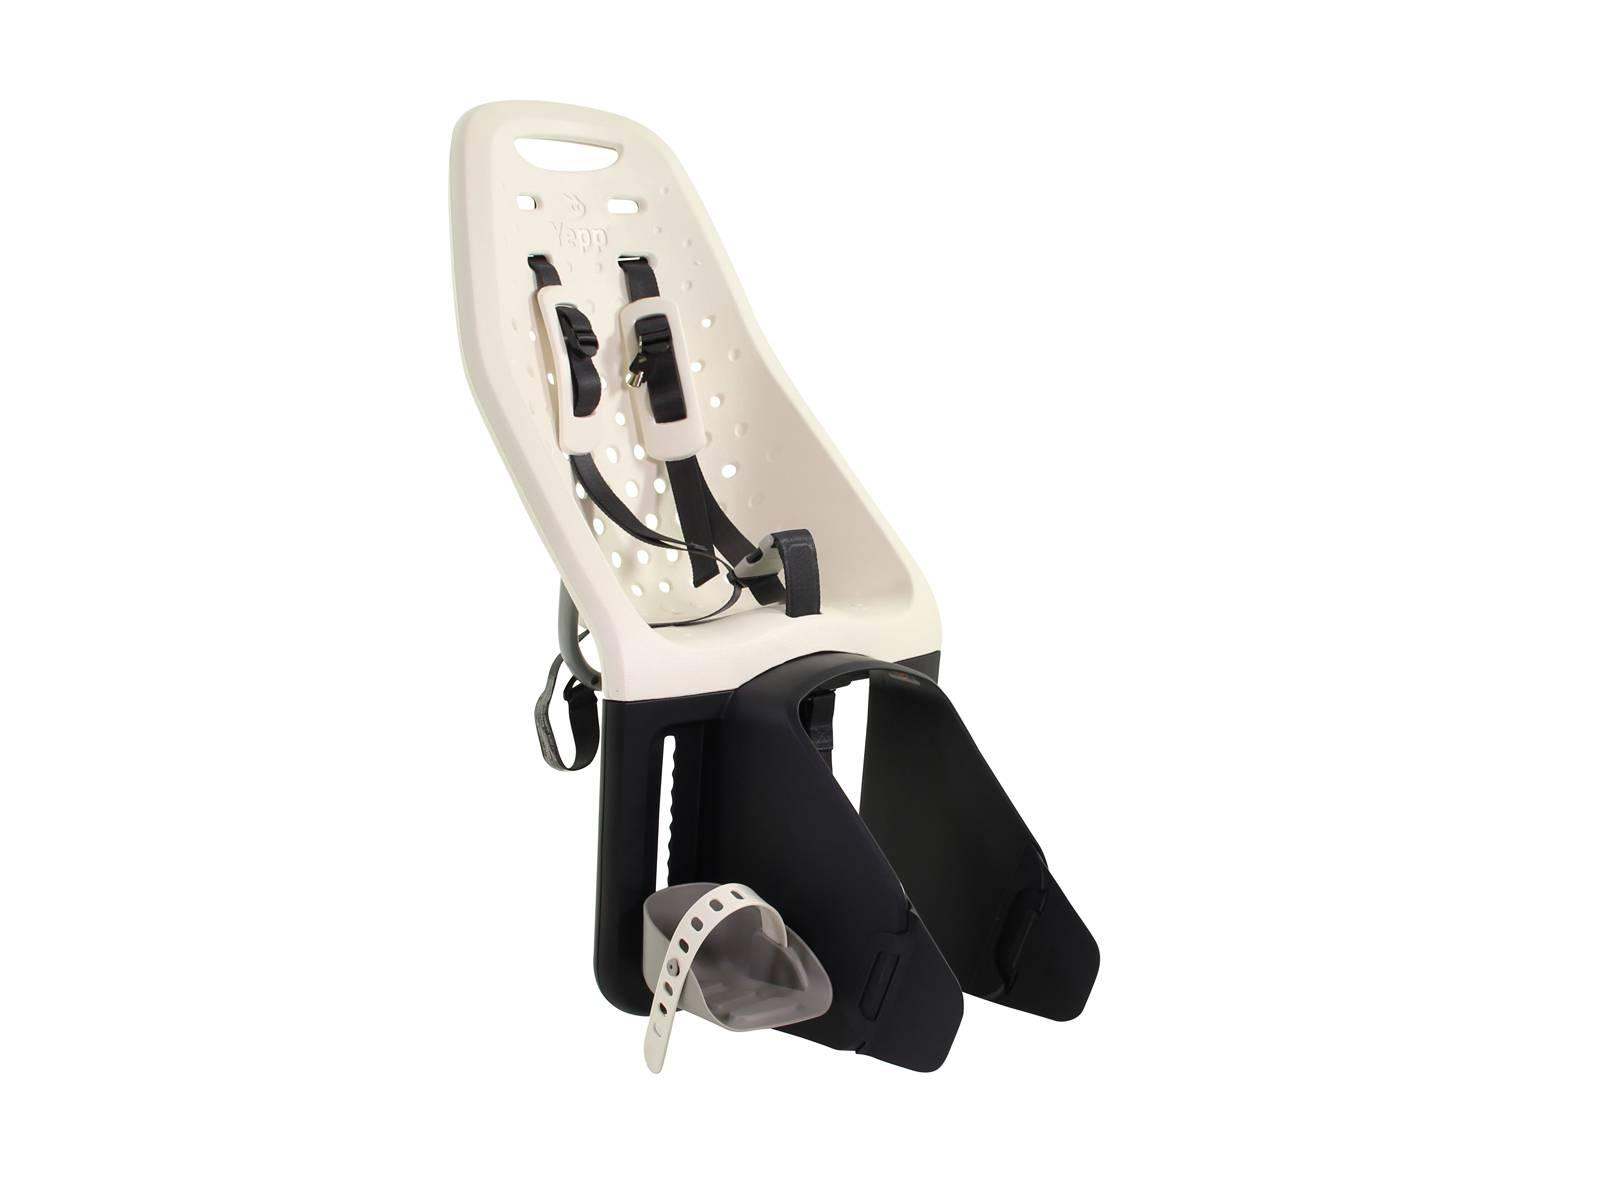 Barnestol bag Yepp hvid med beslag til bagagebærer | Bike seat